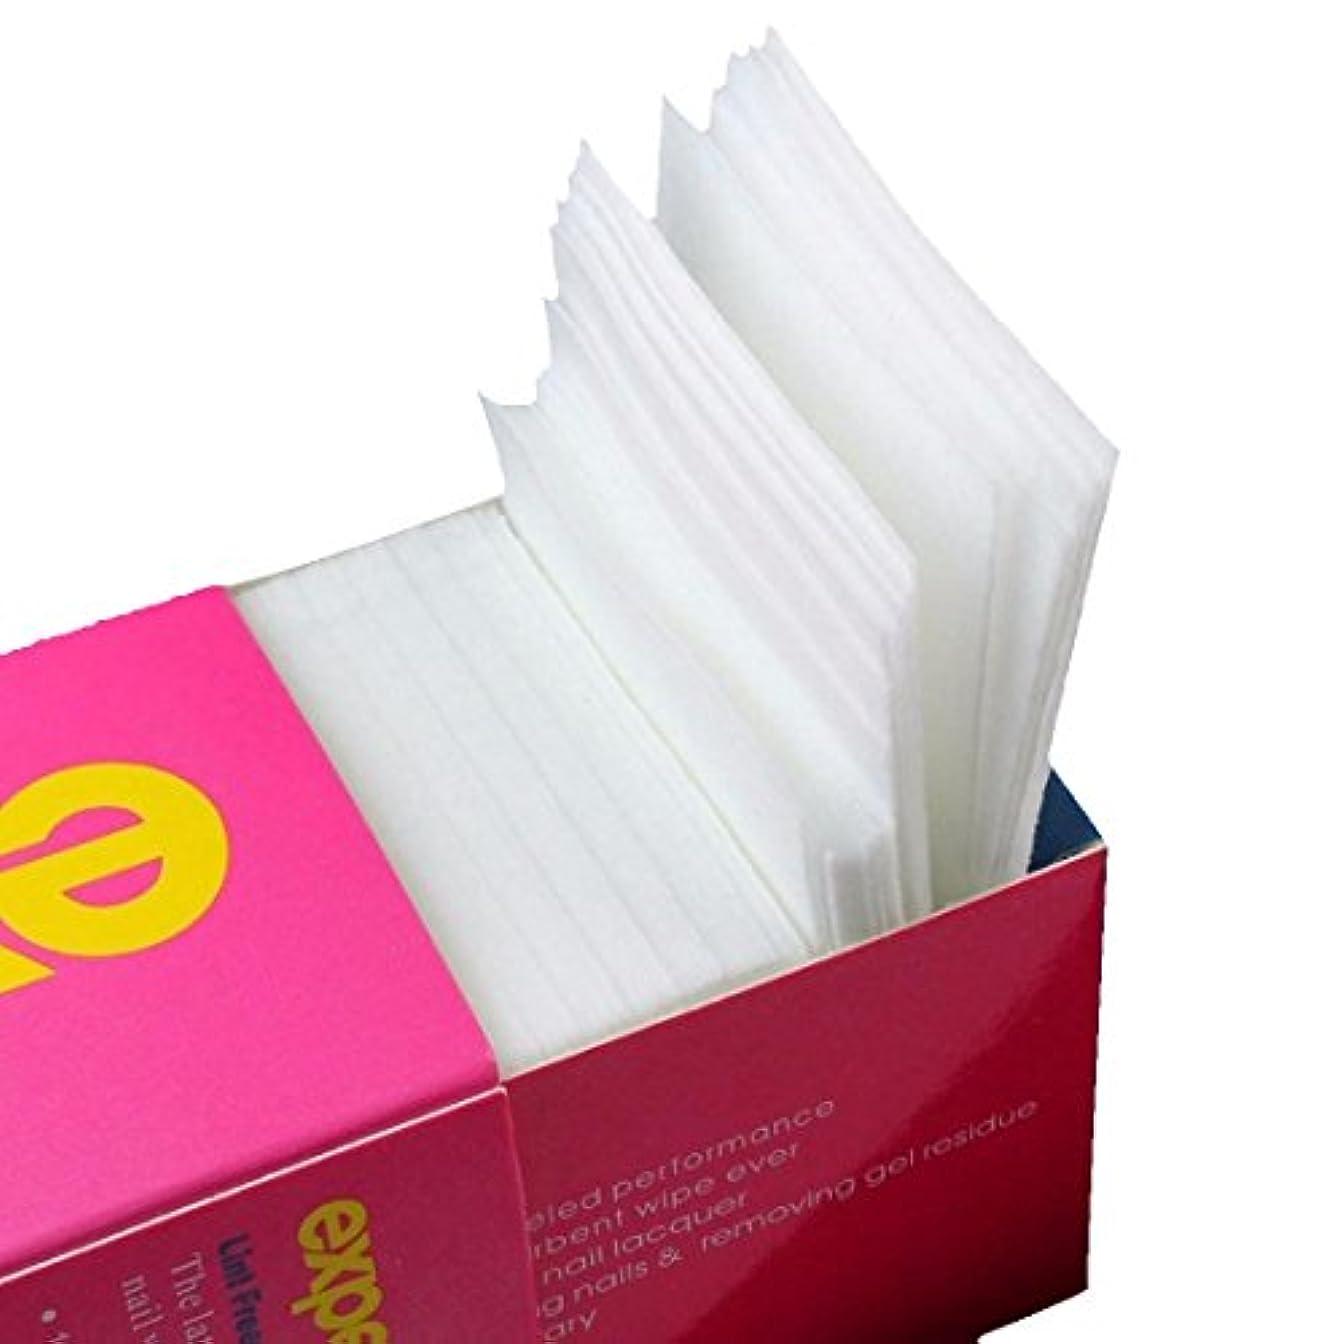 収容する東ティモール腰Semoic 325枚ネイルワイプリントフリーコットンパッド、ネイルジェル除去用不織布綿シートネイルポリッシュクリーニングパッド